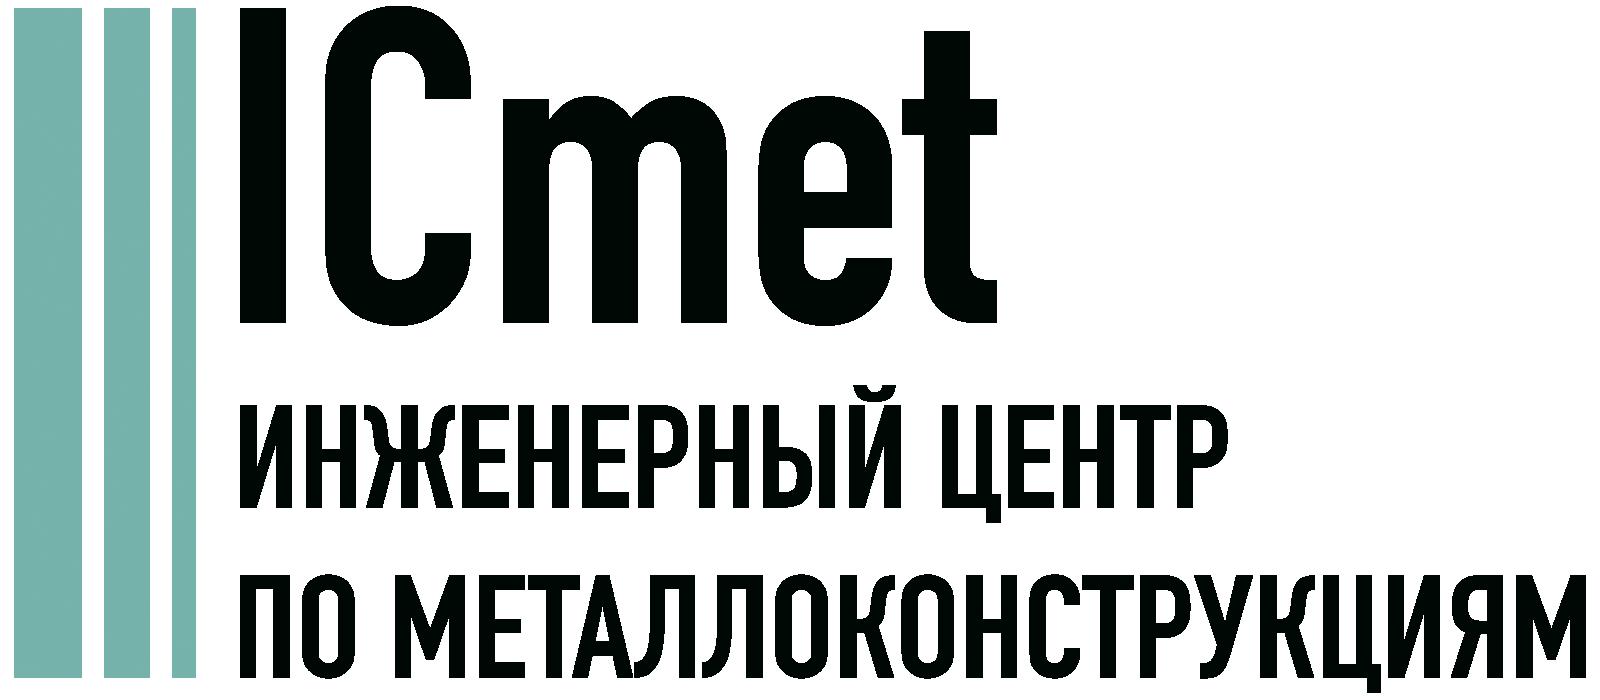 Проектирование металлоконструкций в Уфе